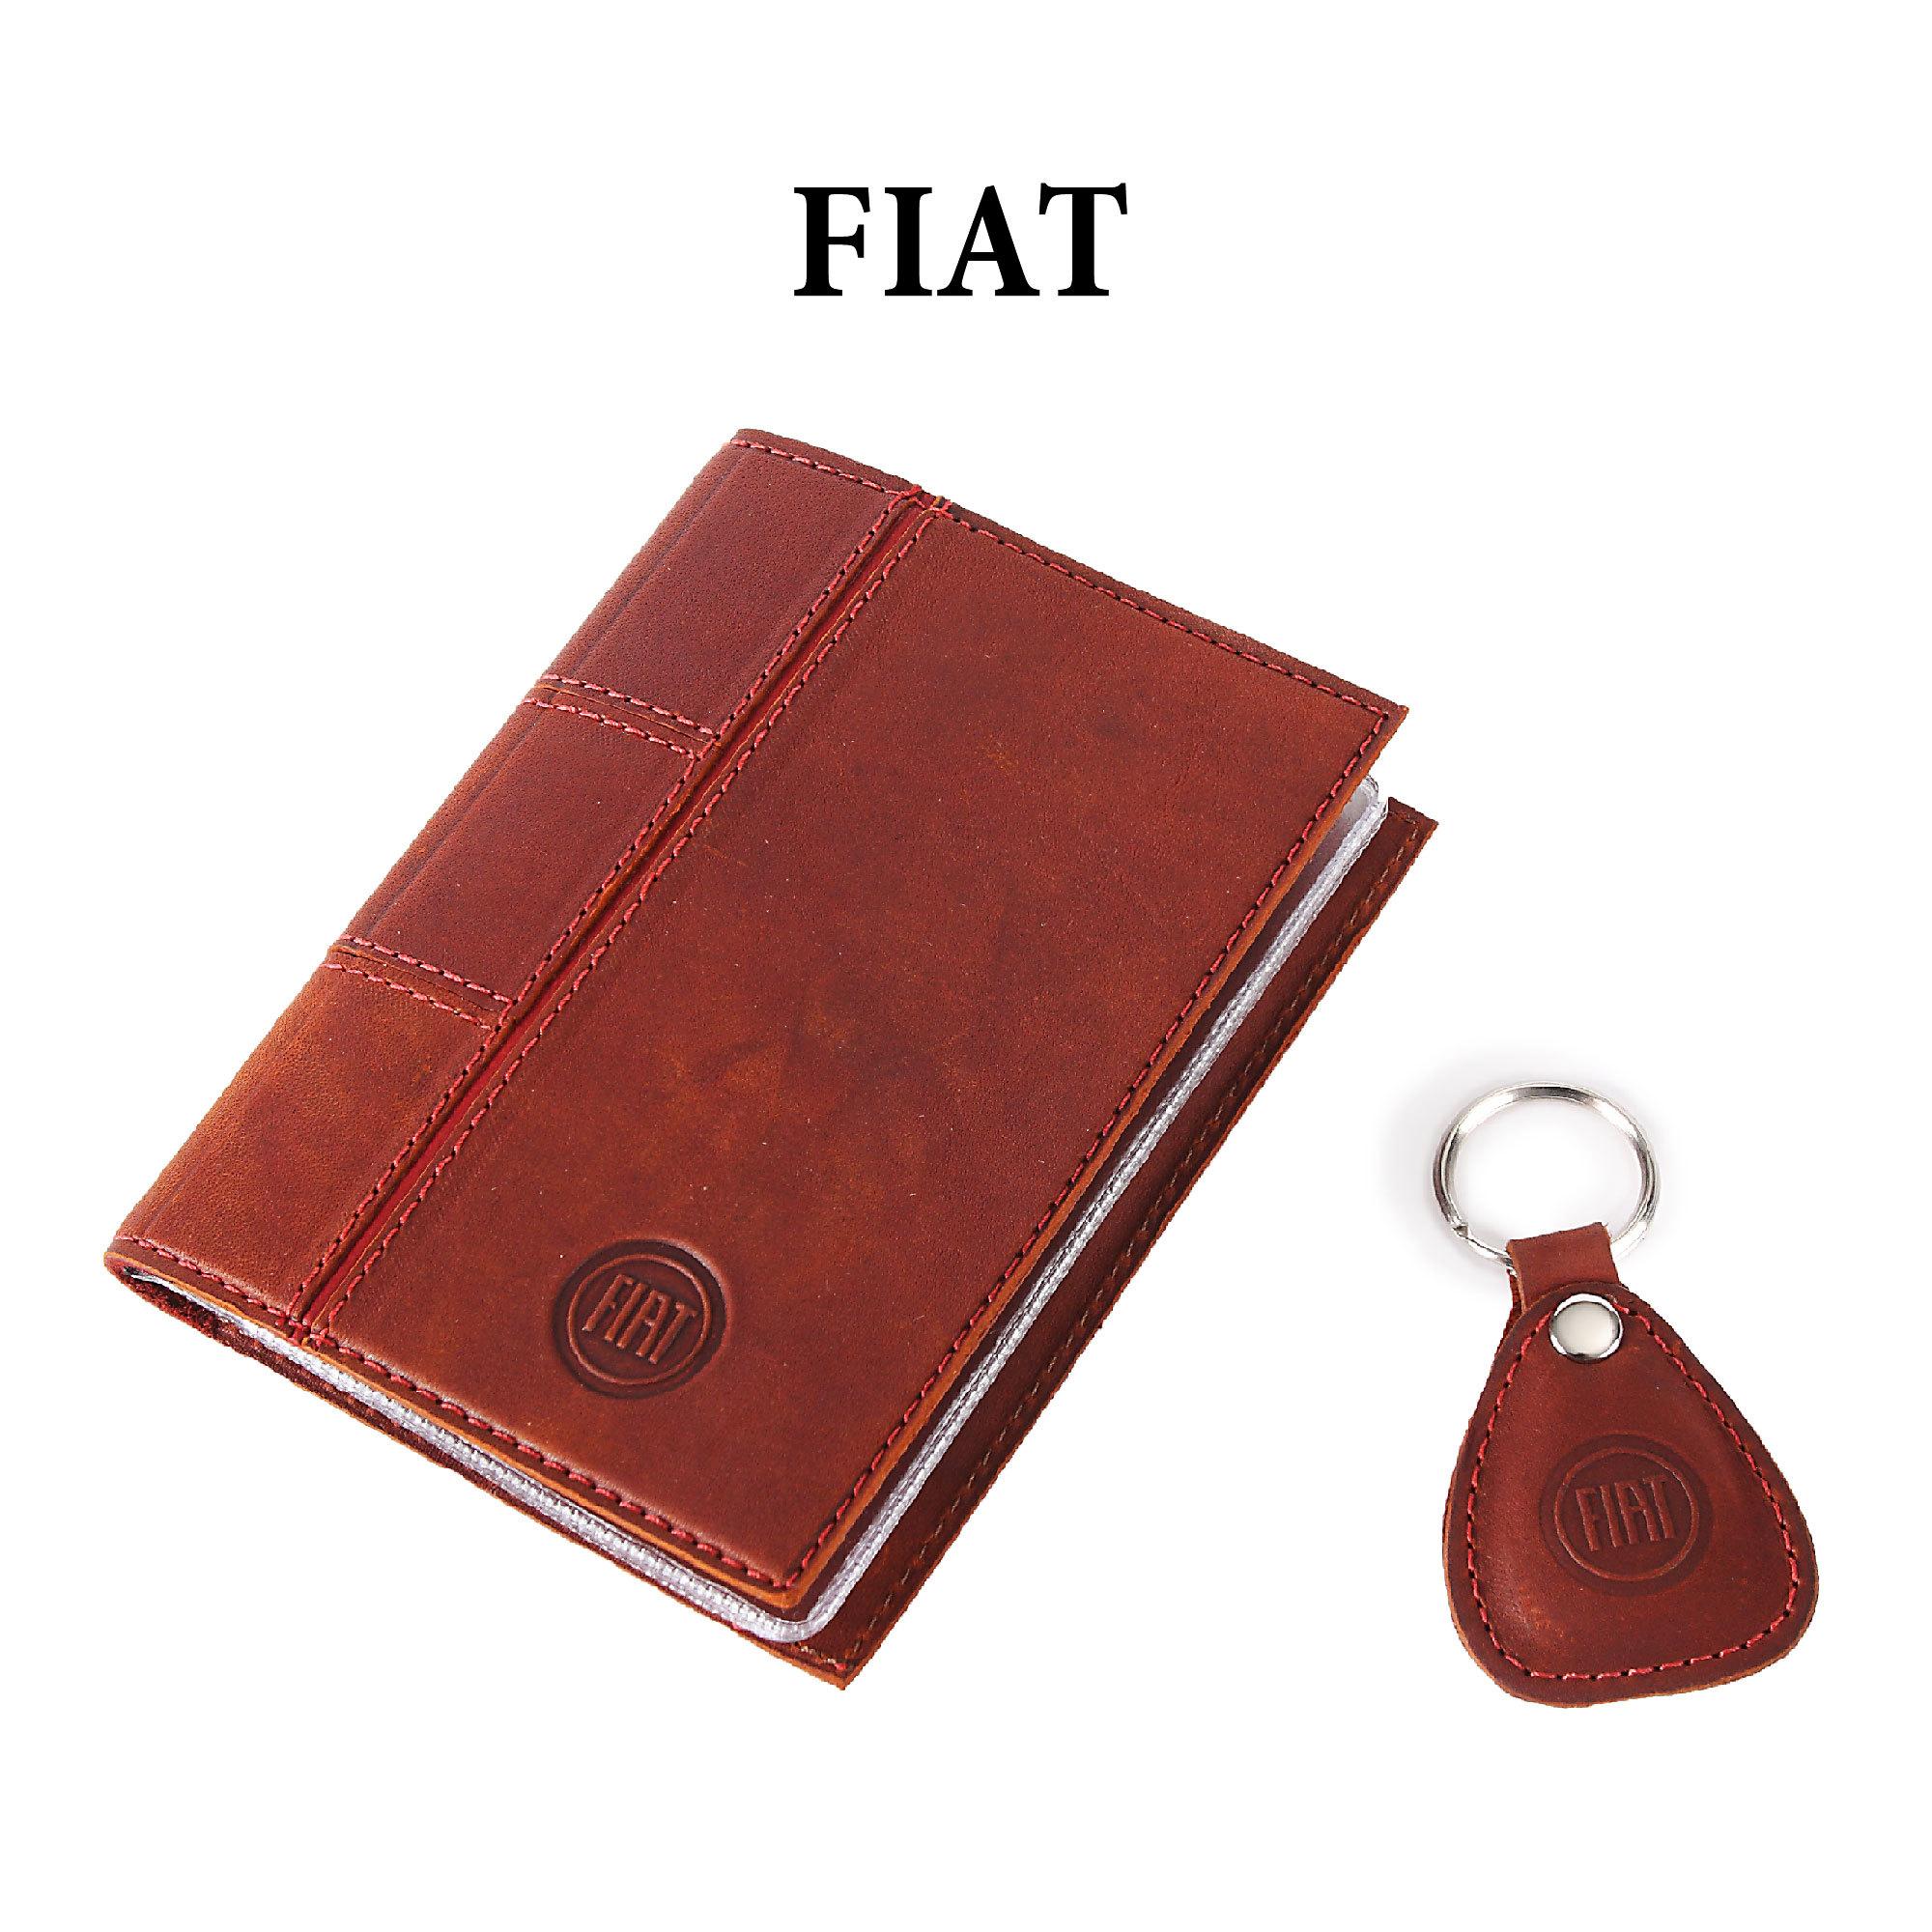 Обложка для водительского удостоверения с брелком «FIAT»